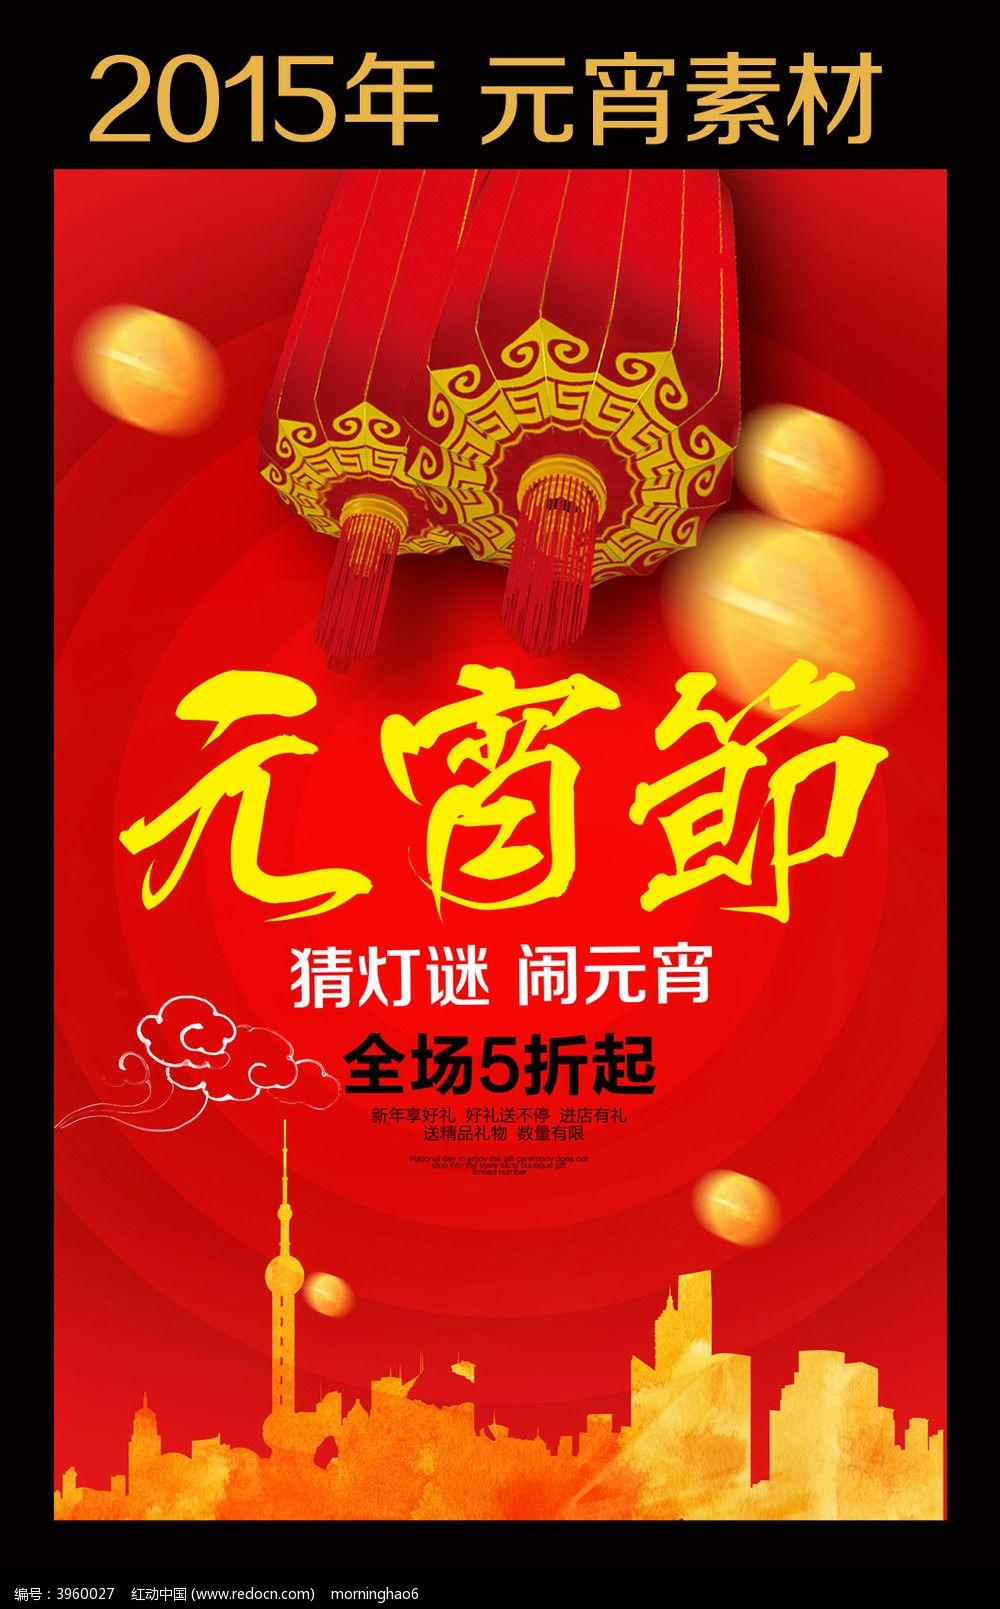 元宵节商场促销海报高清PSD素材图片